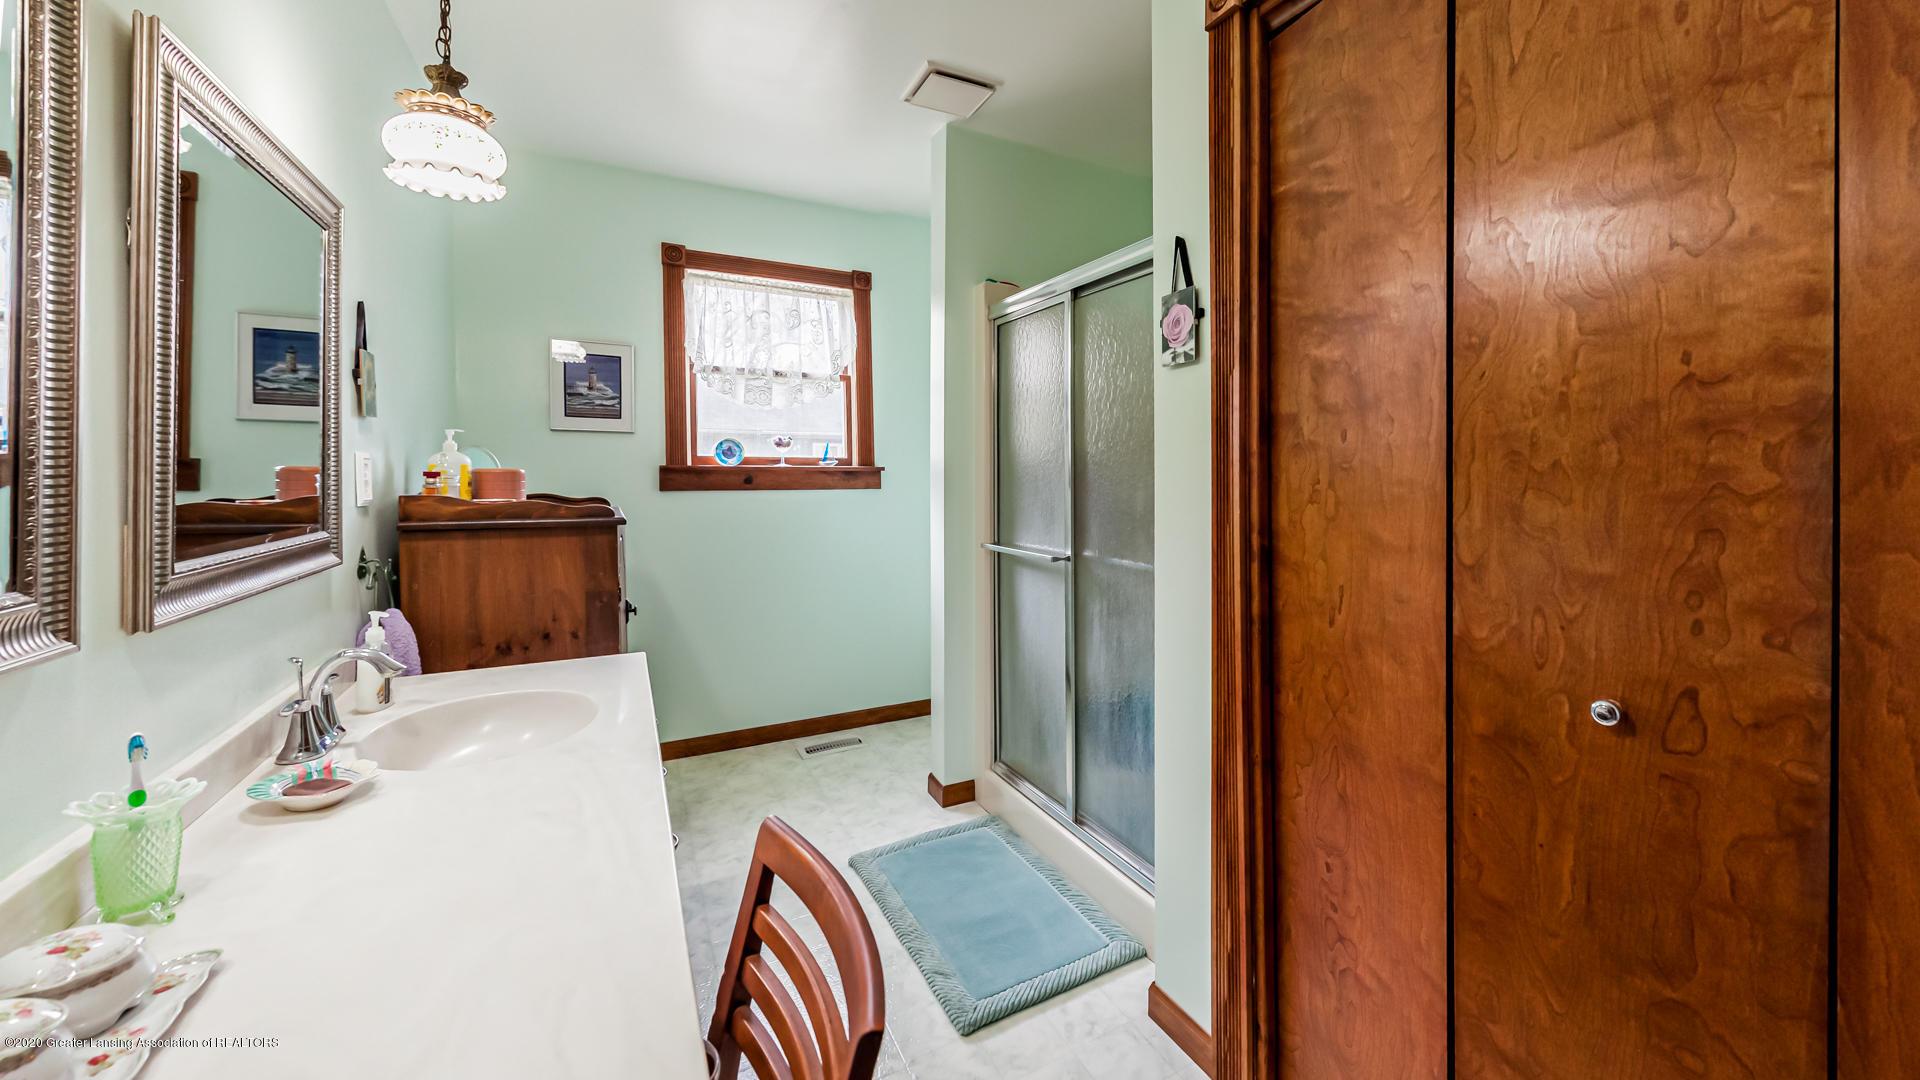 815 W Jefferson St - Bathroom - 19